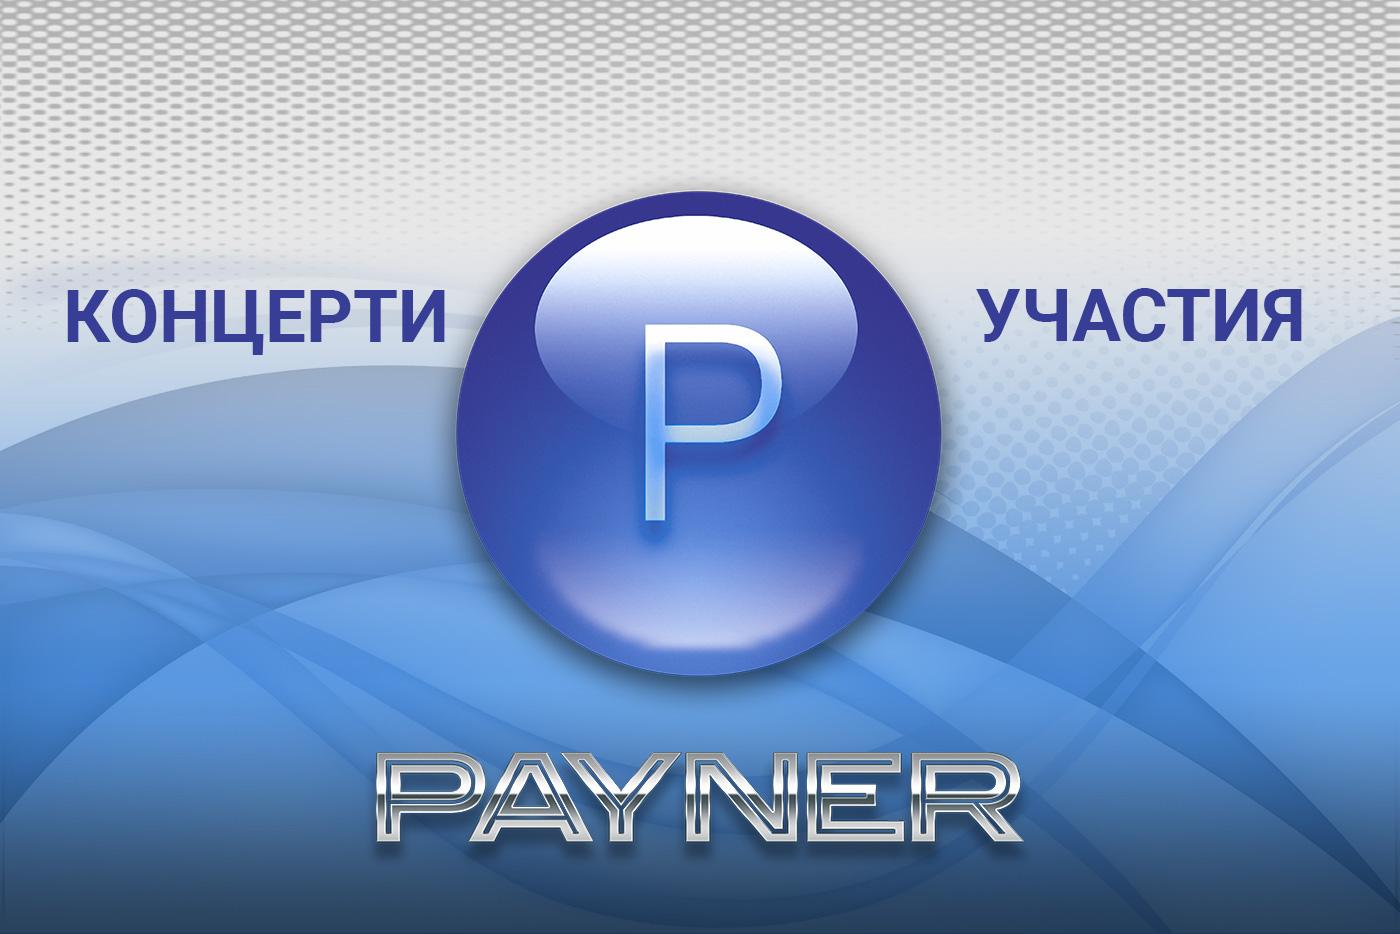 """Участия на звездите на """"Пайнер"""" на 11.11.2019"""